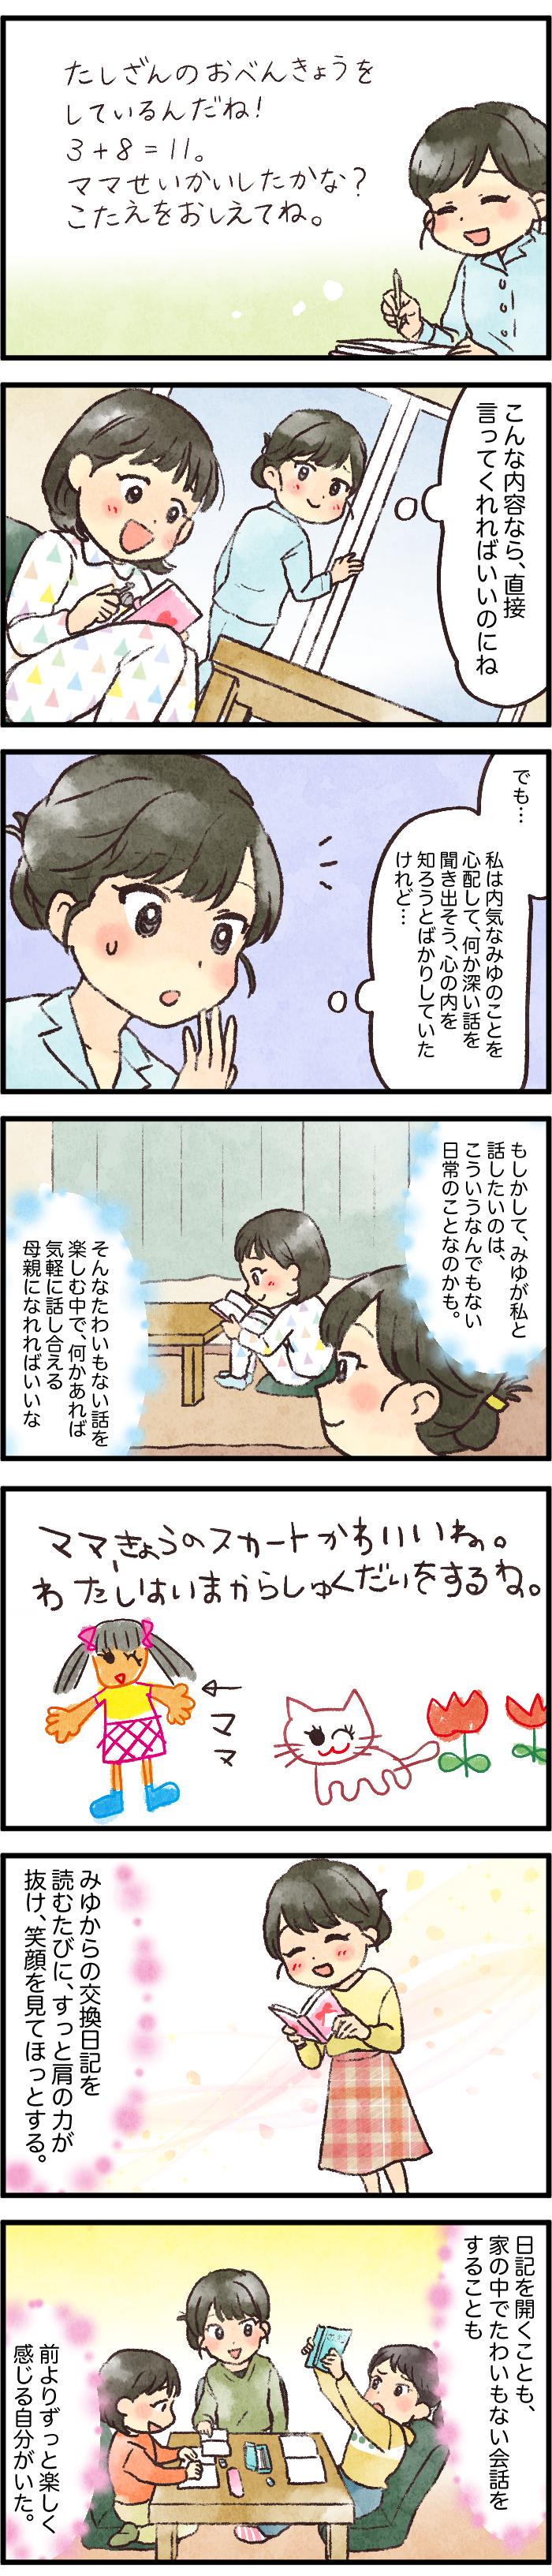 「からあげがたべたいよ」娘とのたわいのない交換日記で、ちょっと幸せになった理由の画像4